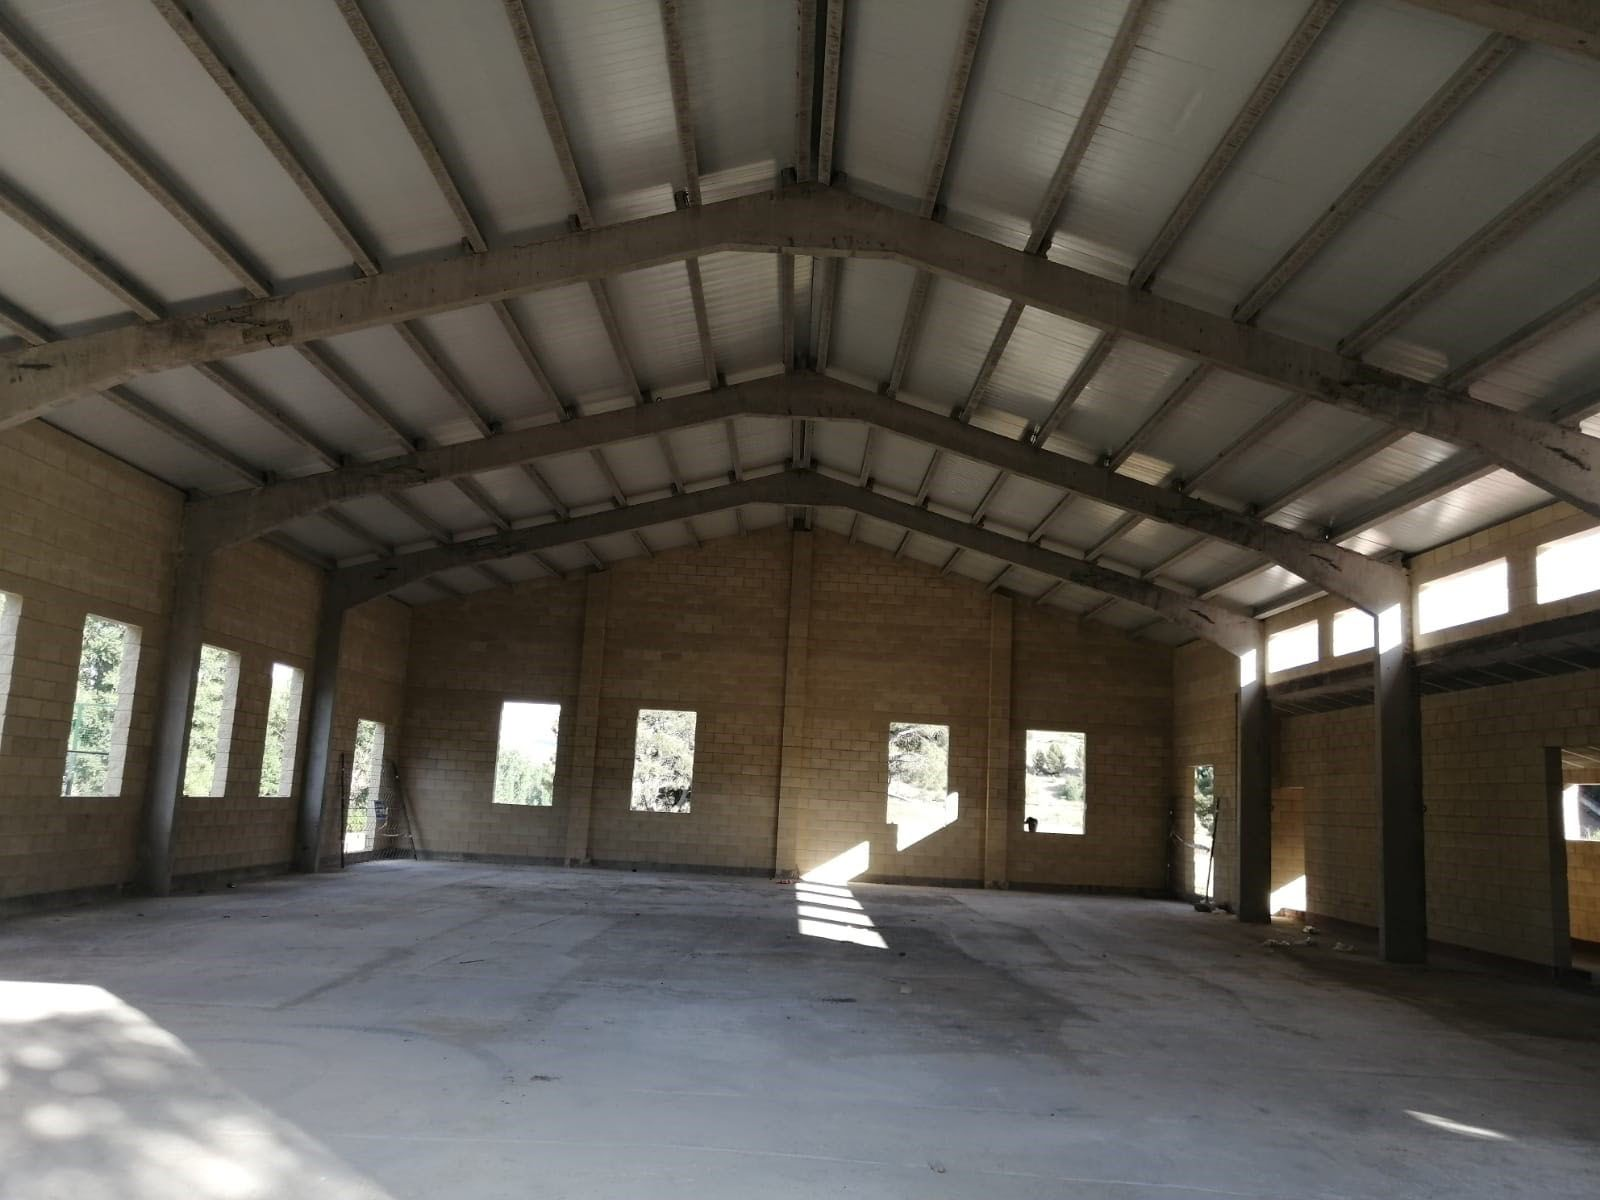 La Diputación invierte 50.000 € en el techado del nuevo pabellón deportivo de Corduente